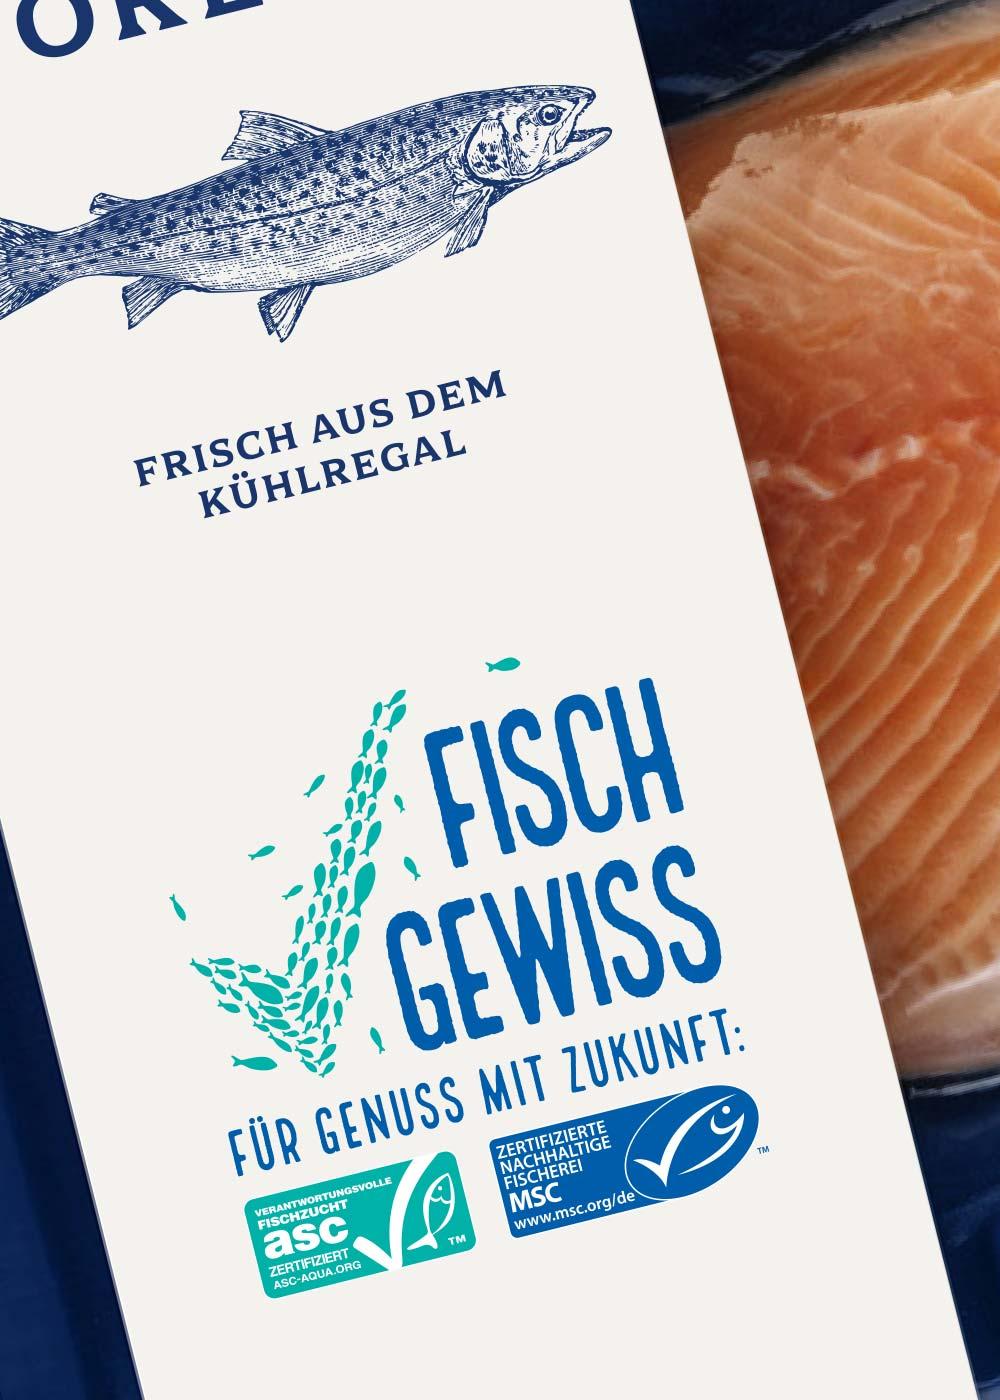 Fisch Gewiss Verpackungsdesign Orientierung